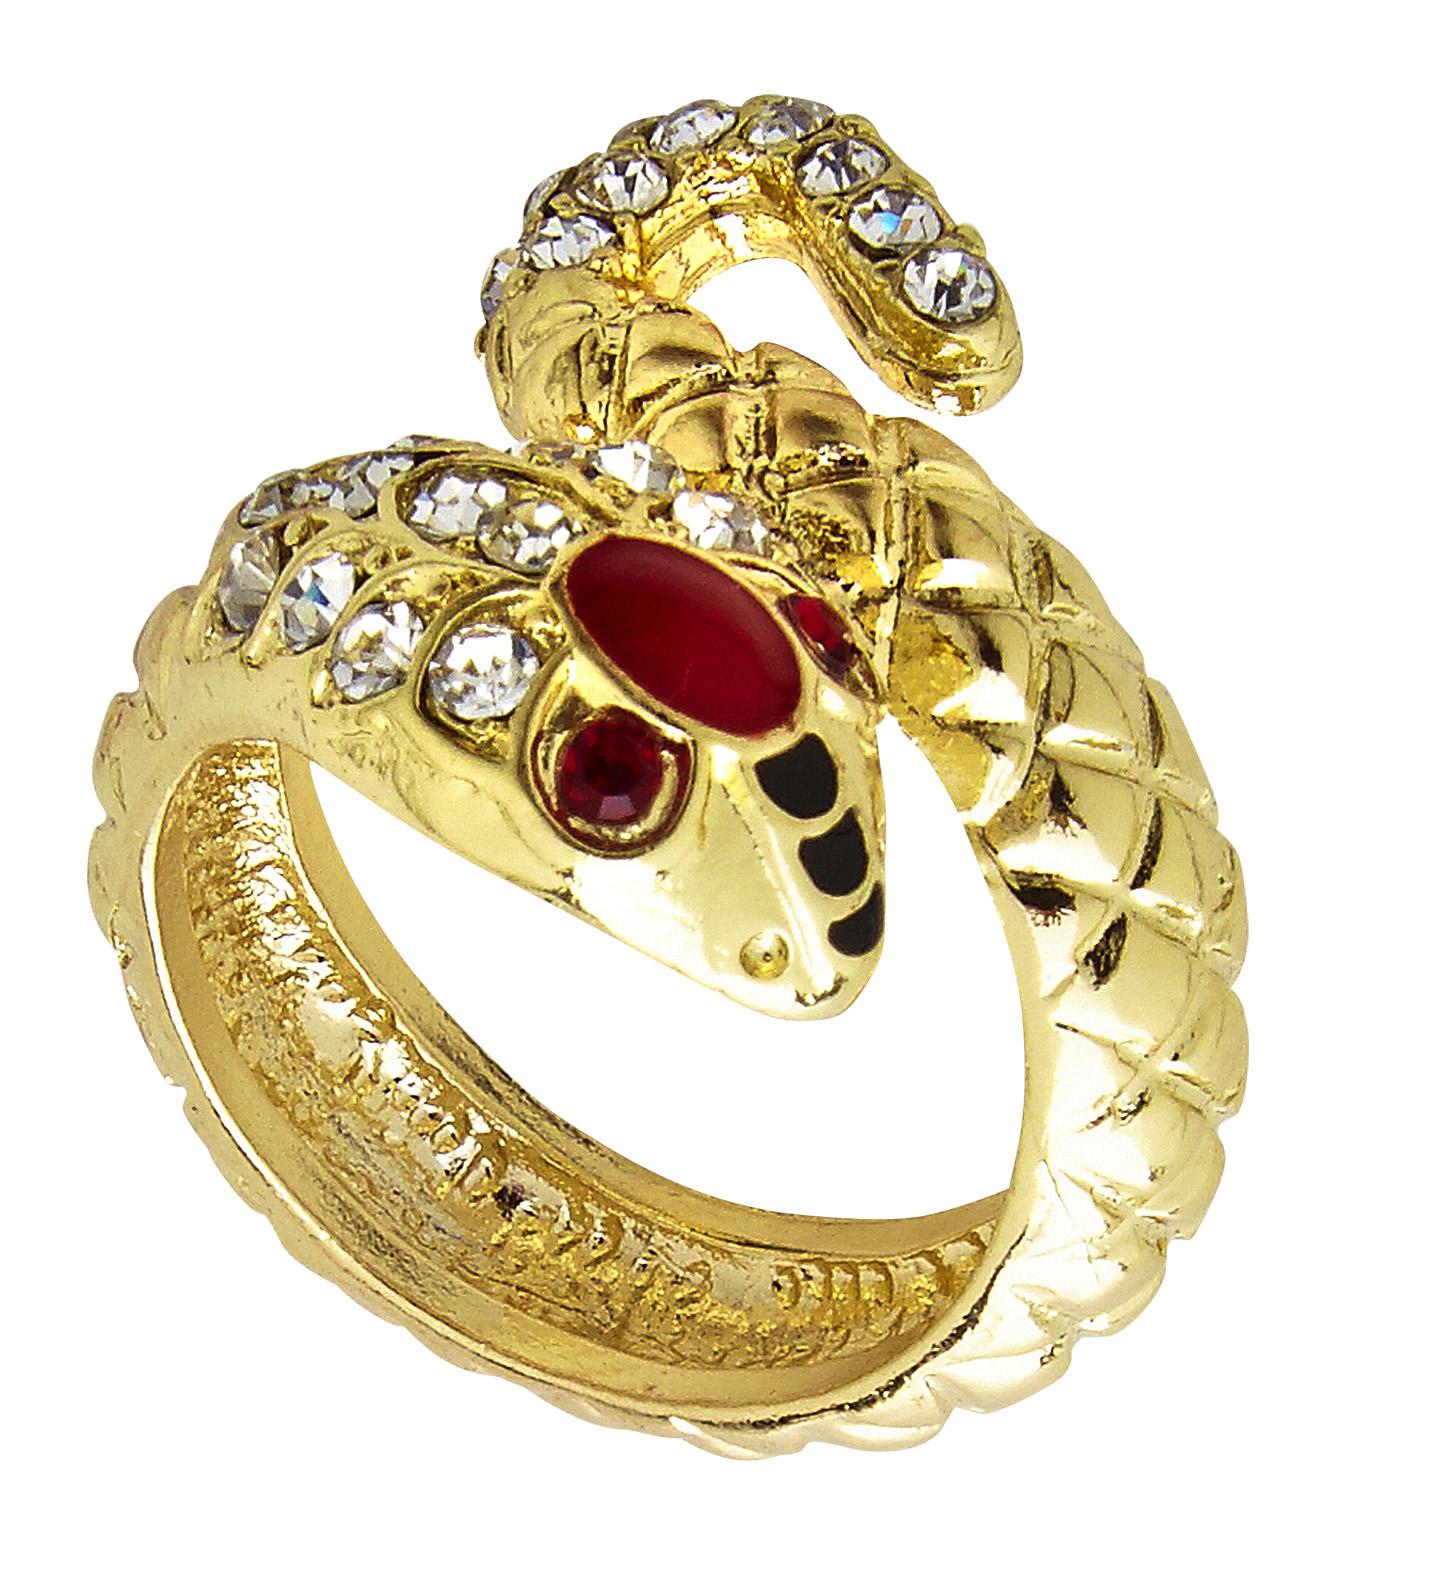 Αποκριάτικο Δαχτυλίδι Κλεοπάτρας